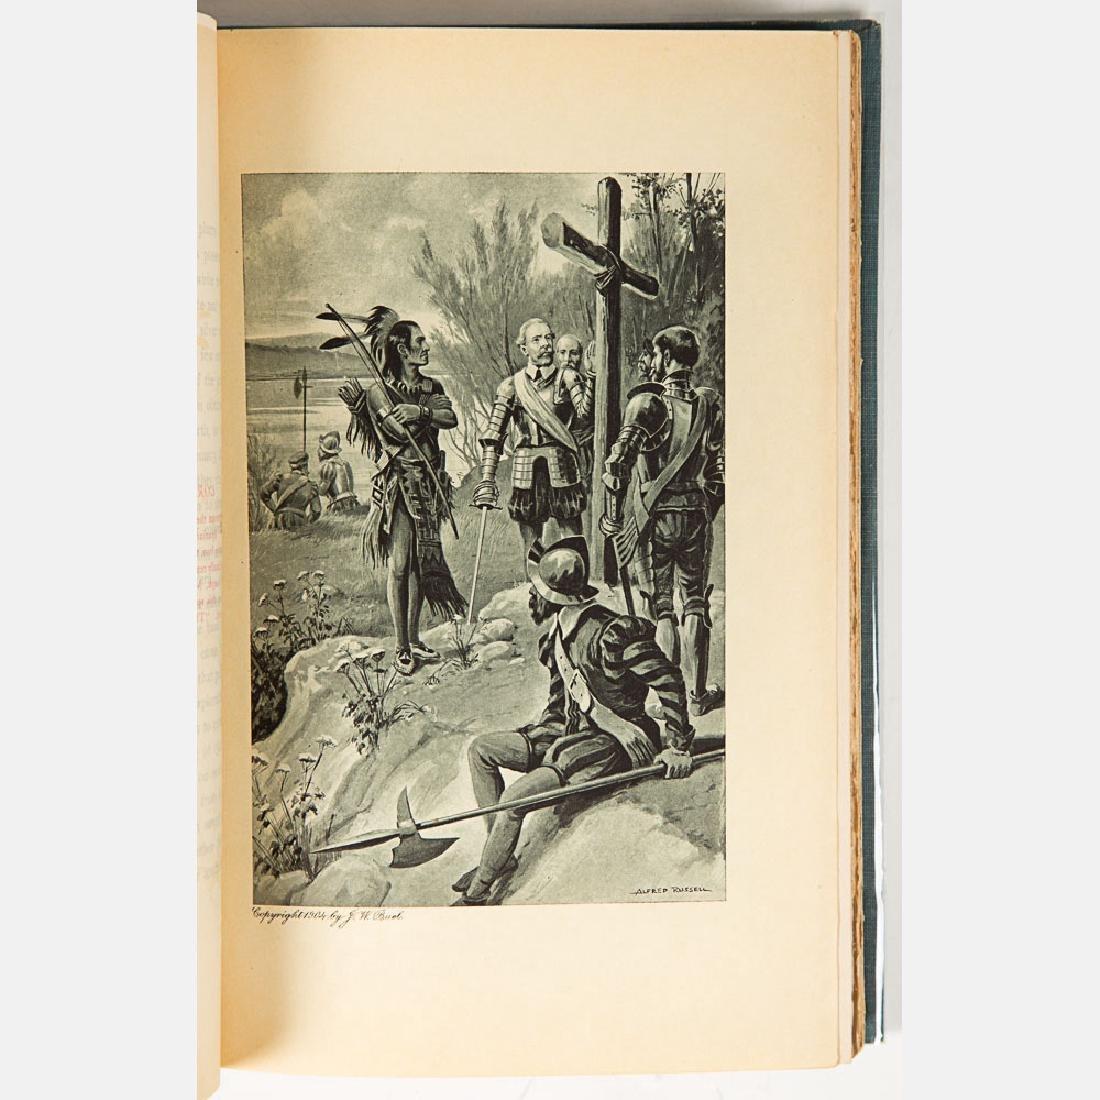 Buel, J.W. (1849-1920). ed. Louisiana and the Fair: An - 8